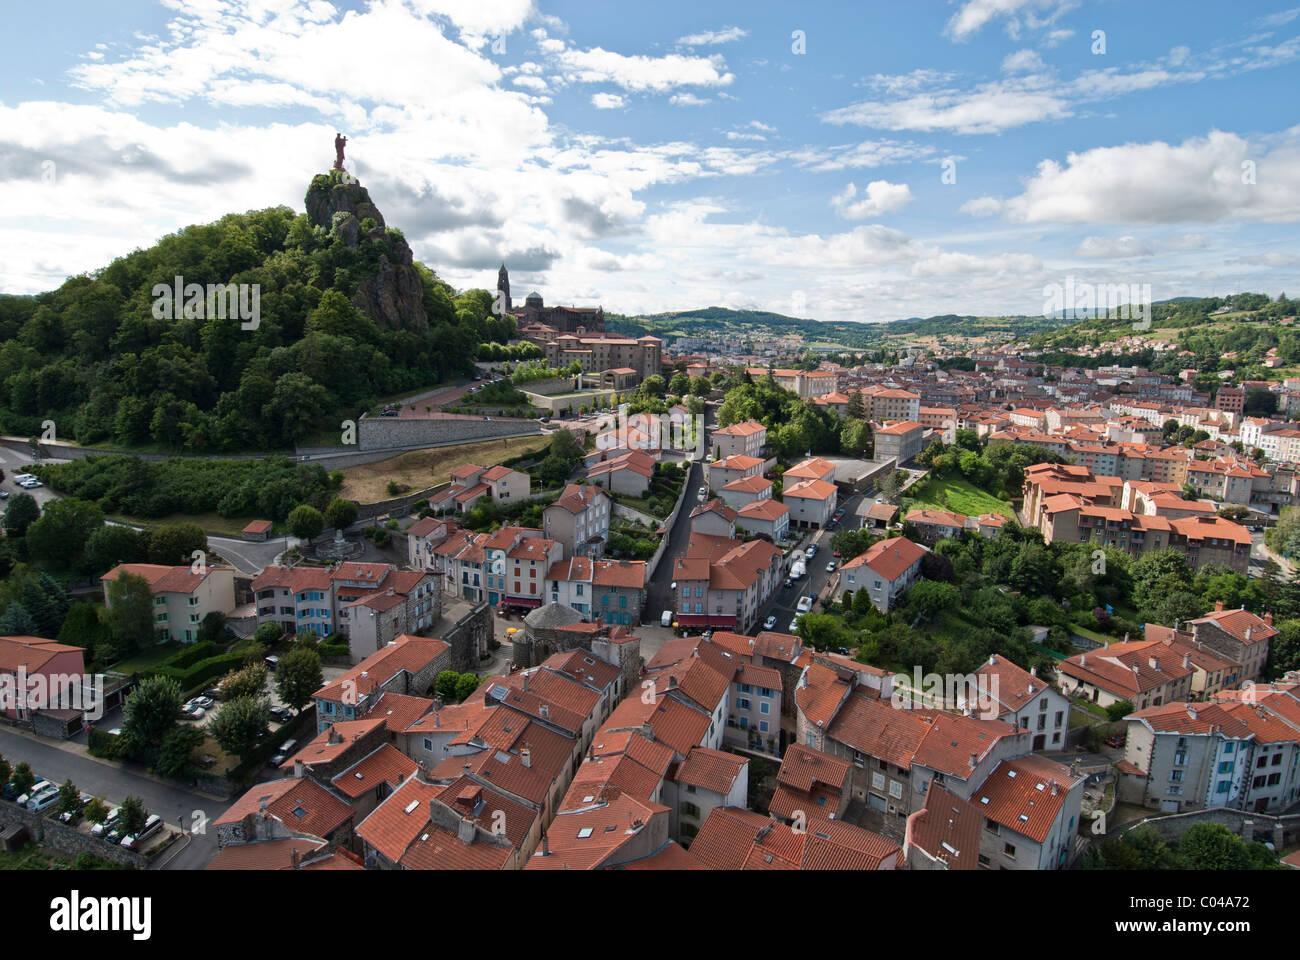 Roof tops  Le Puy-en-Velay. Auvergne, Haute- Loire, Medieval city  France Rocher Corneille hill top. - Stock Image